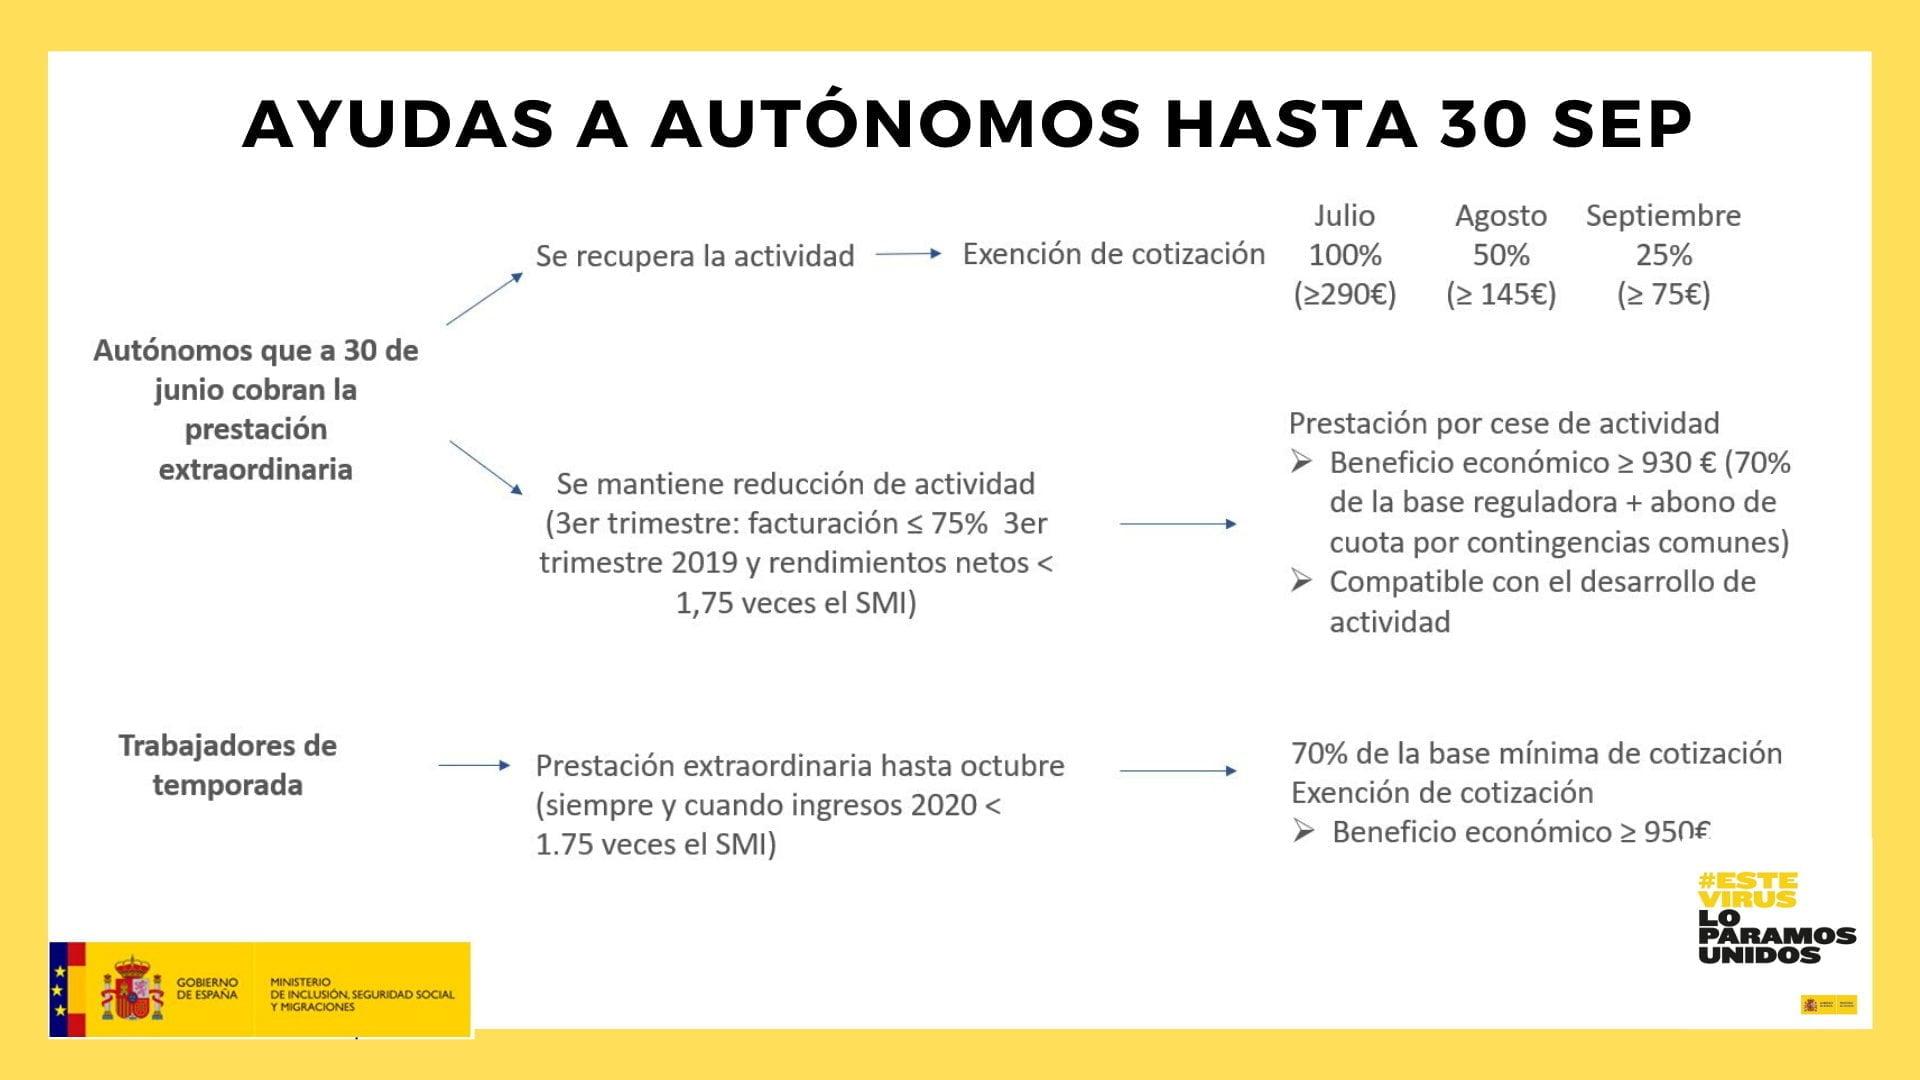 esquema-ayudas-autonomos-hasta-30-septiembre